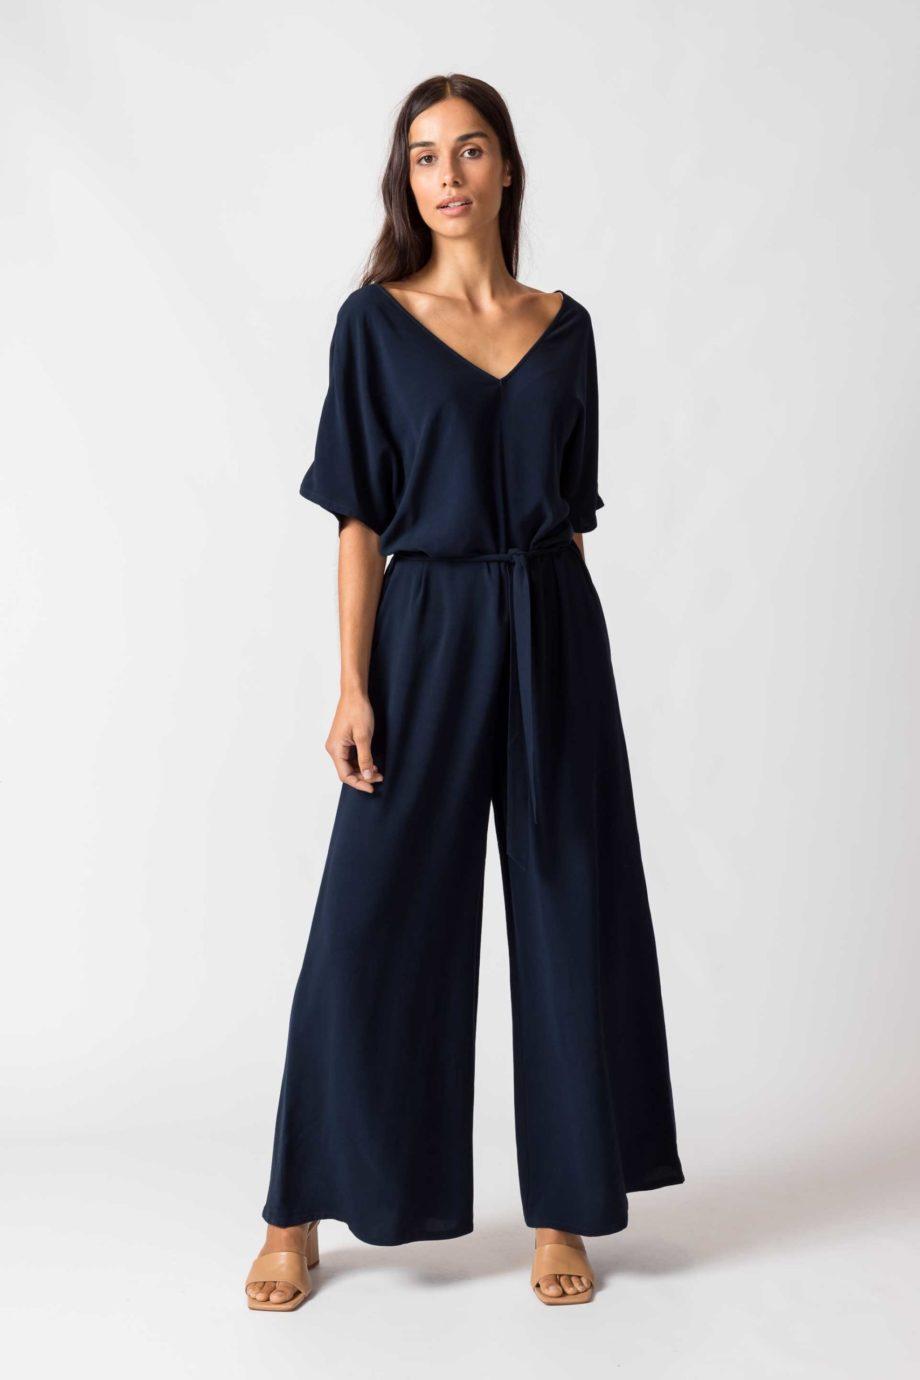 Frau trägt dunkelblauen Jumpsuit von SKFK (KARITATE) aus recycelter Viskose mit kurzen Ärmeln, V-Ausschnitt vorn und hinten und seitlichen Eingriffstaschen. Nobel und bequem - der weite Schnitt mit abnehmbarem Bindegürtel. / Color B8 / pussyGALORE / Leipzig